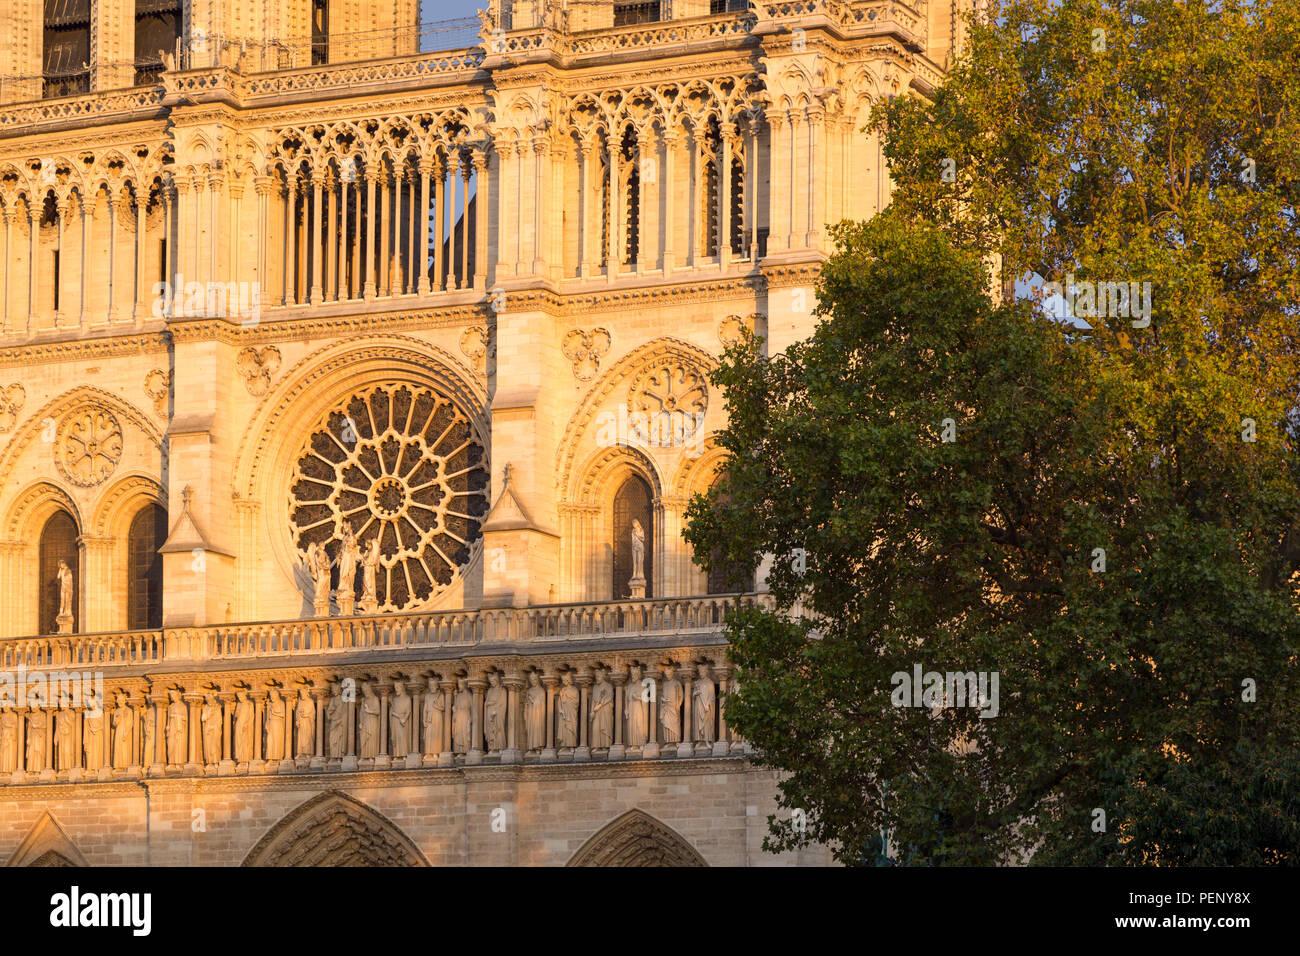 Impostando la luce solare sulla facciata anteriore della cattedrale di Notre Dame, Paris, Francia Immagini Stock